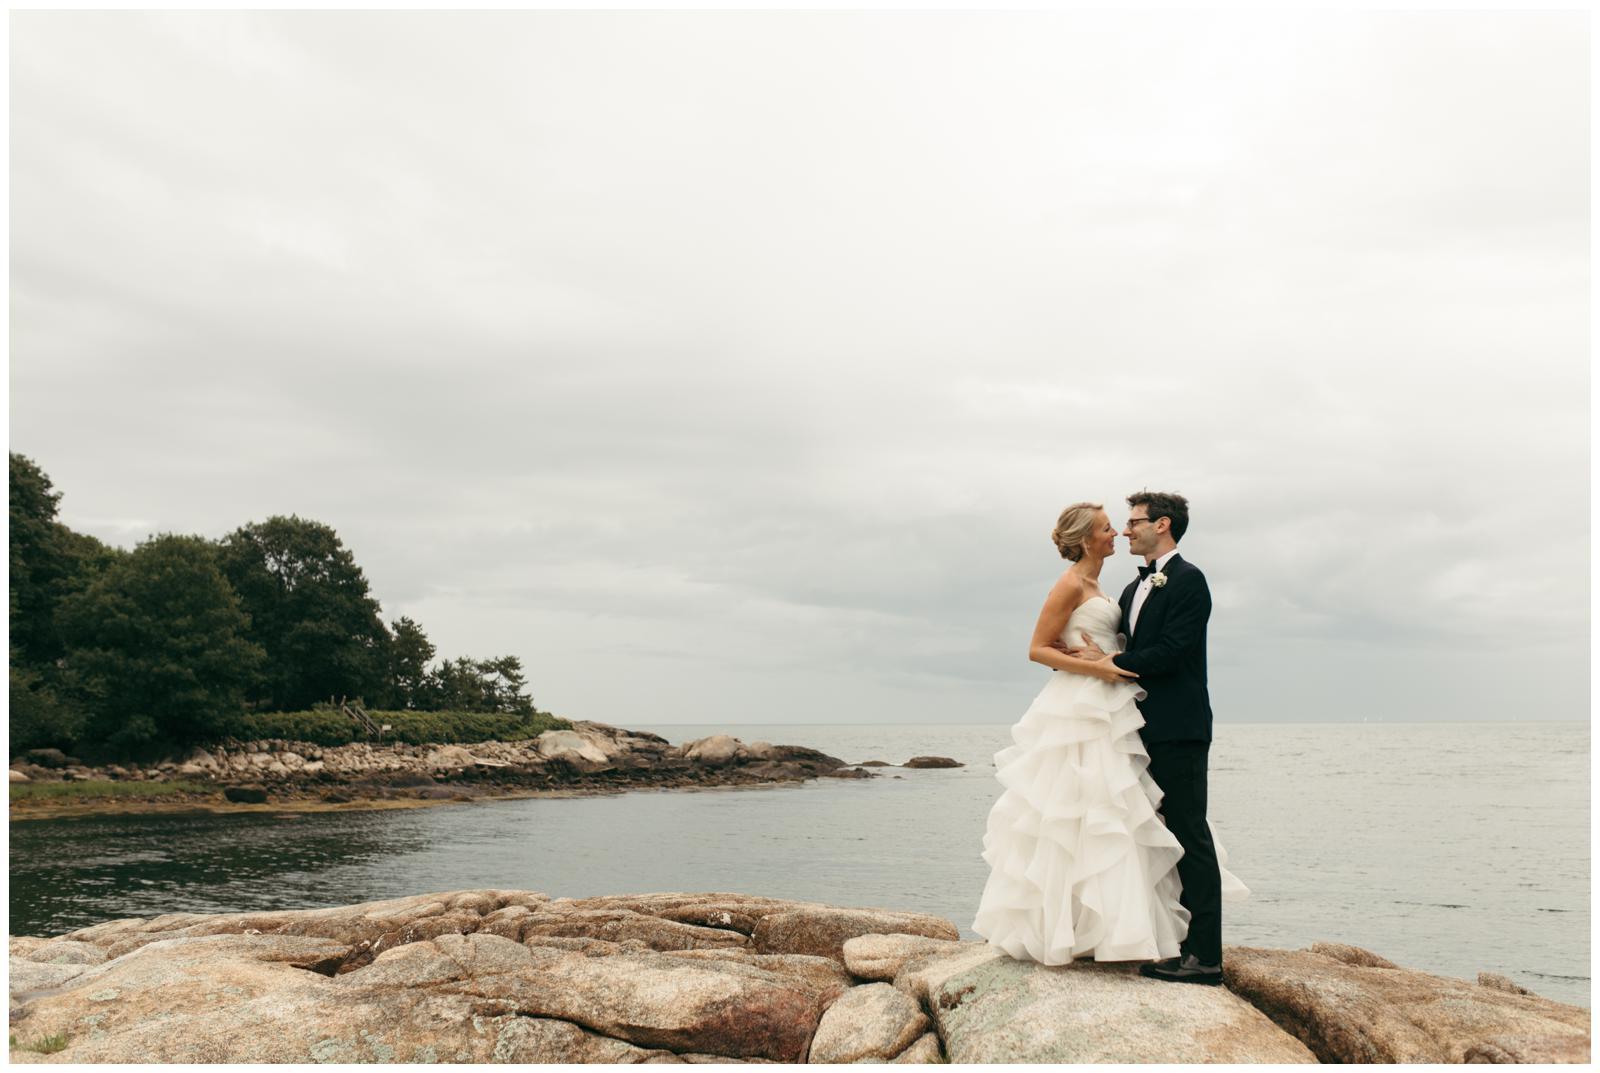 Coastal wedding venue North Shore